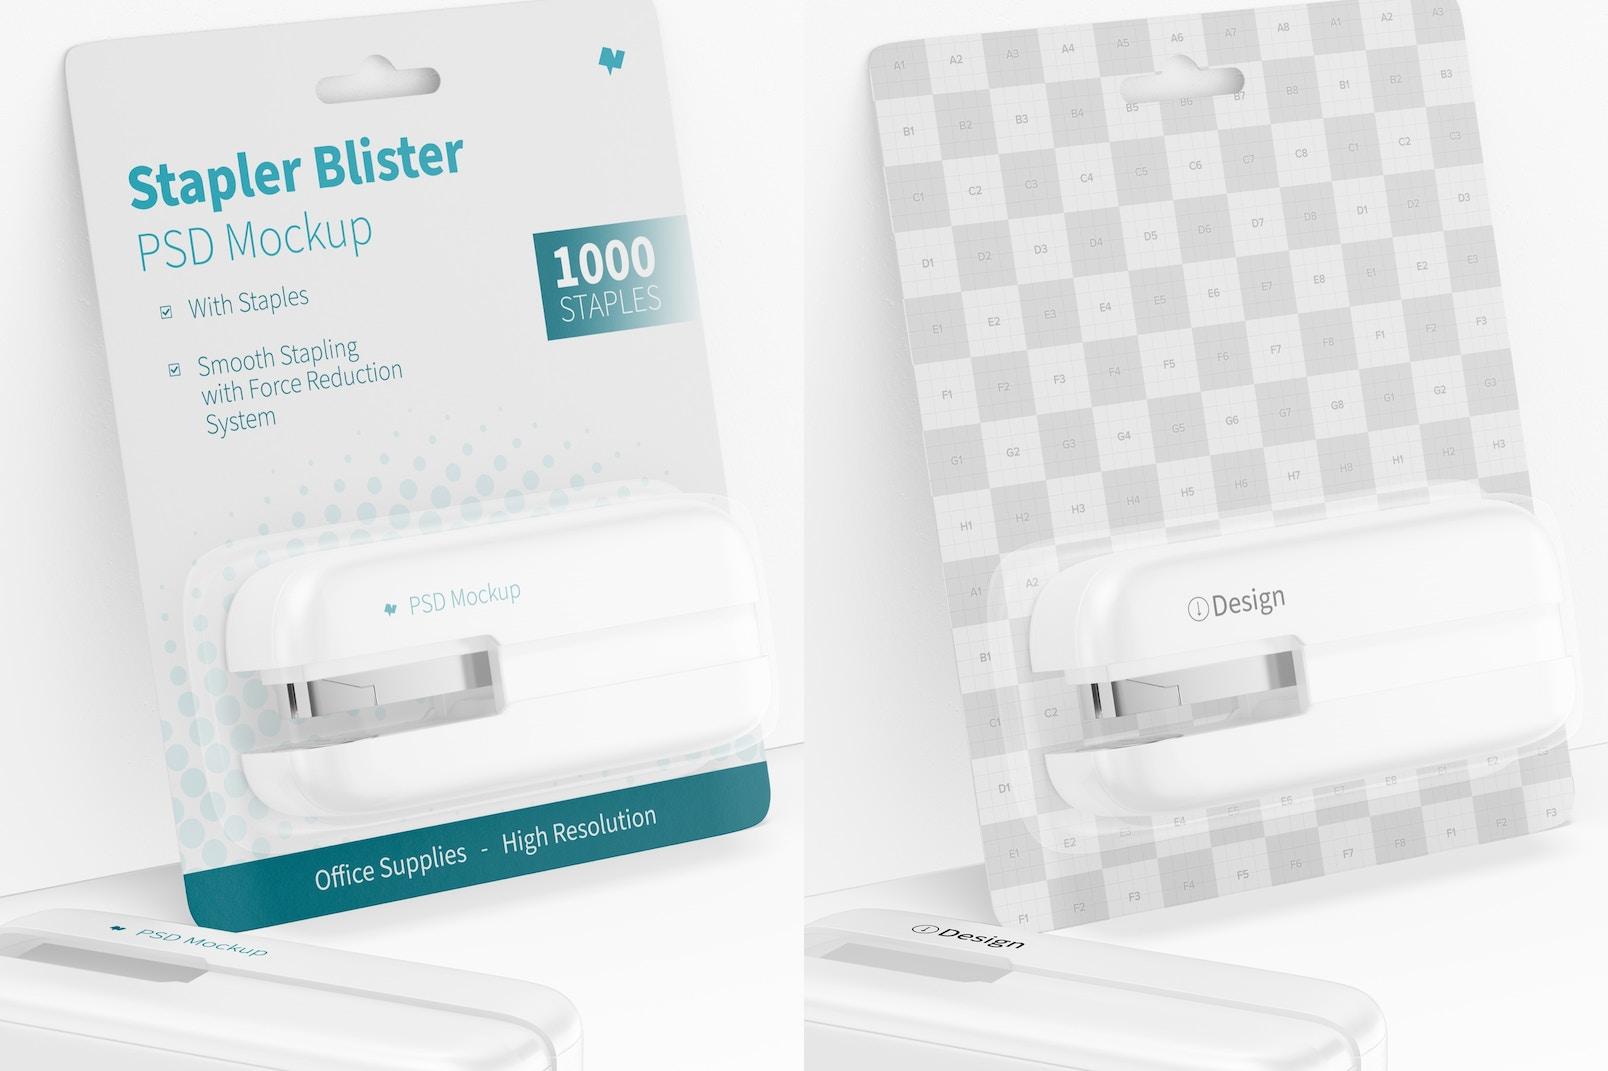 Stapler Blister Mockup, Leaned